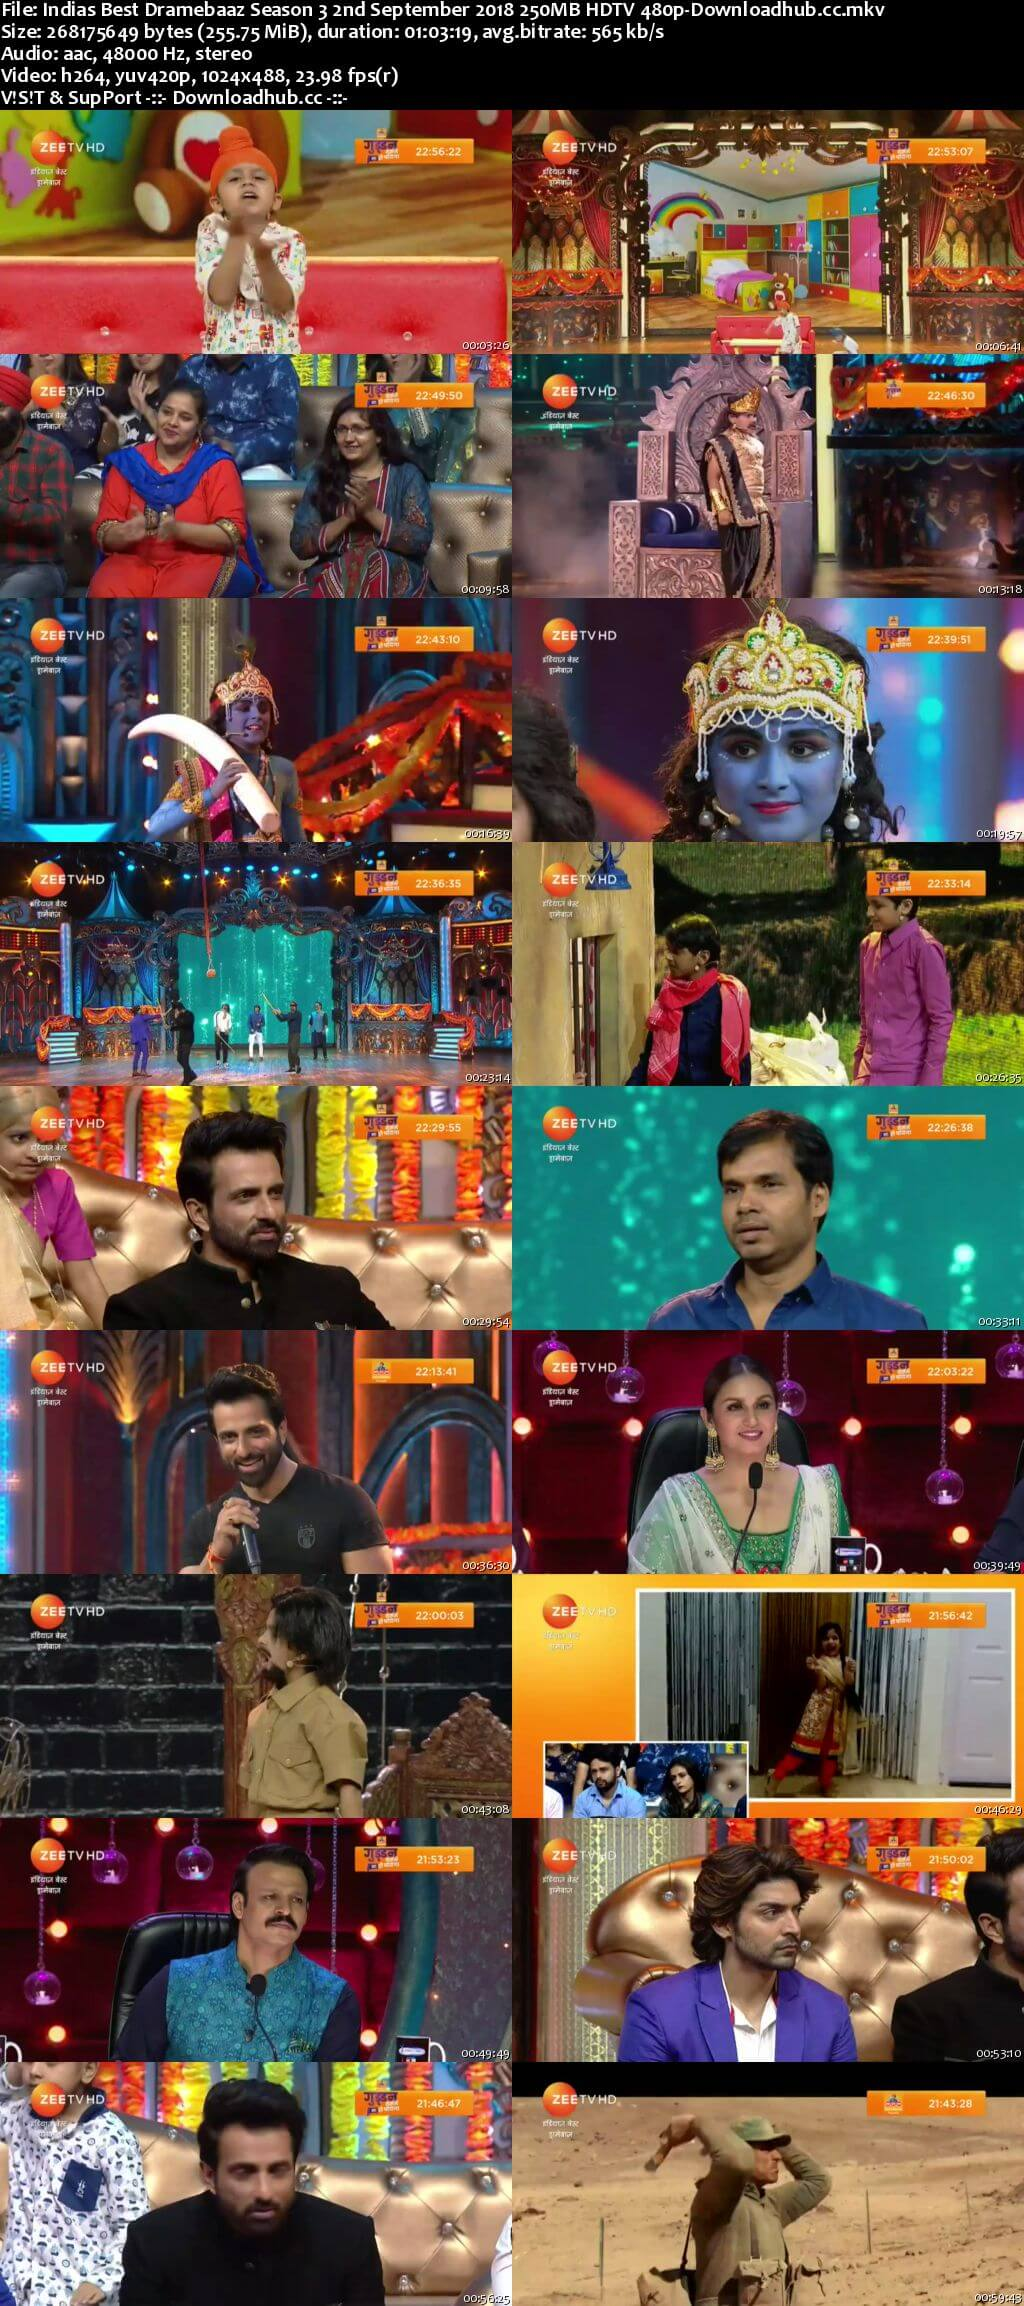 Indias Best Dramebaaz Season 3 02 September 2018 Episode 20 HDTV 480p